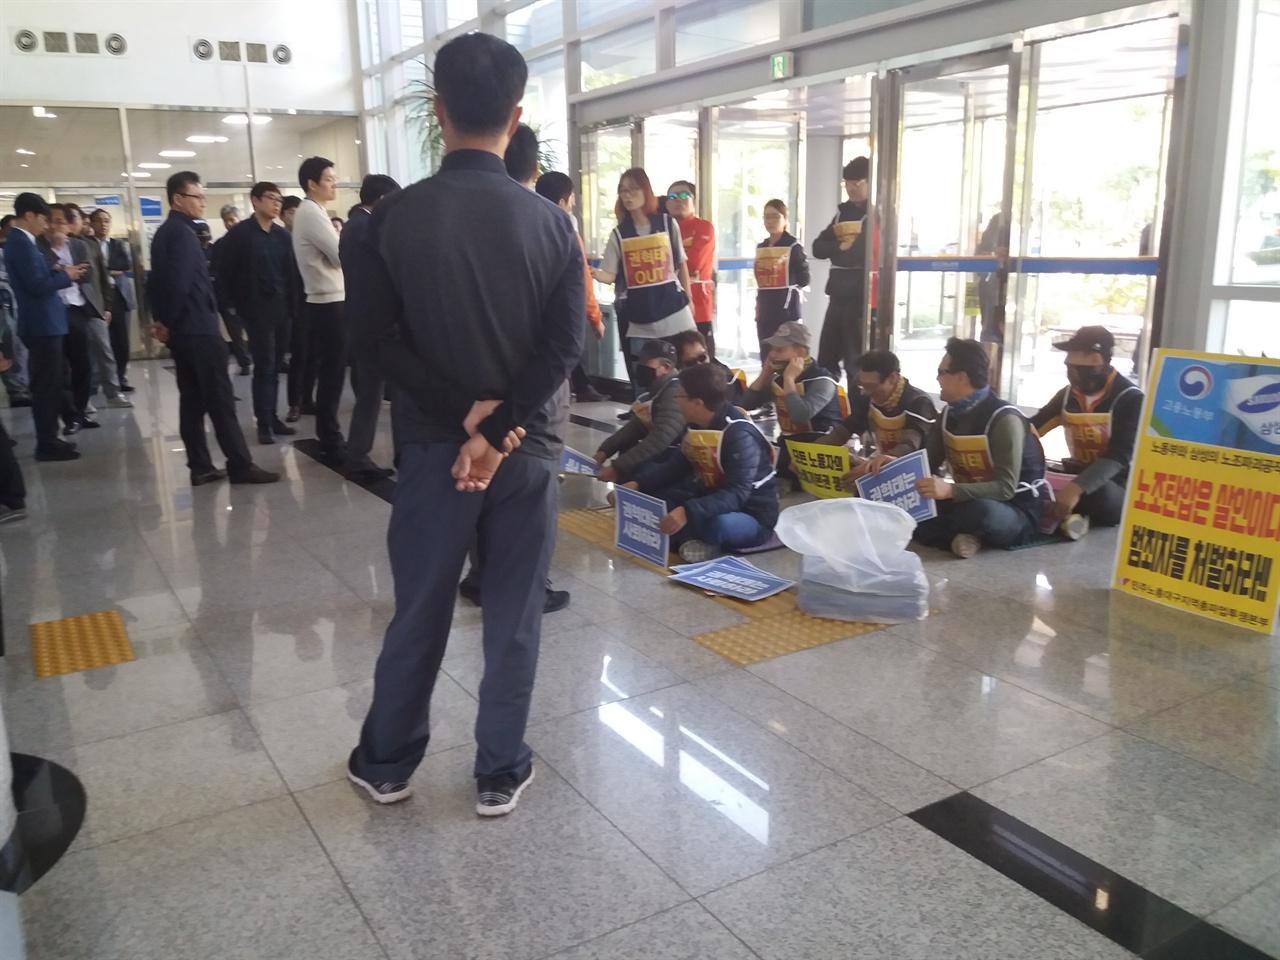 민노총 노동자들과 대치중인 노동청 관계자들  민노총 노동자들이 입구에 들어서자 강하게 몸싸움을 벌인뒤 대치중에 있다.